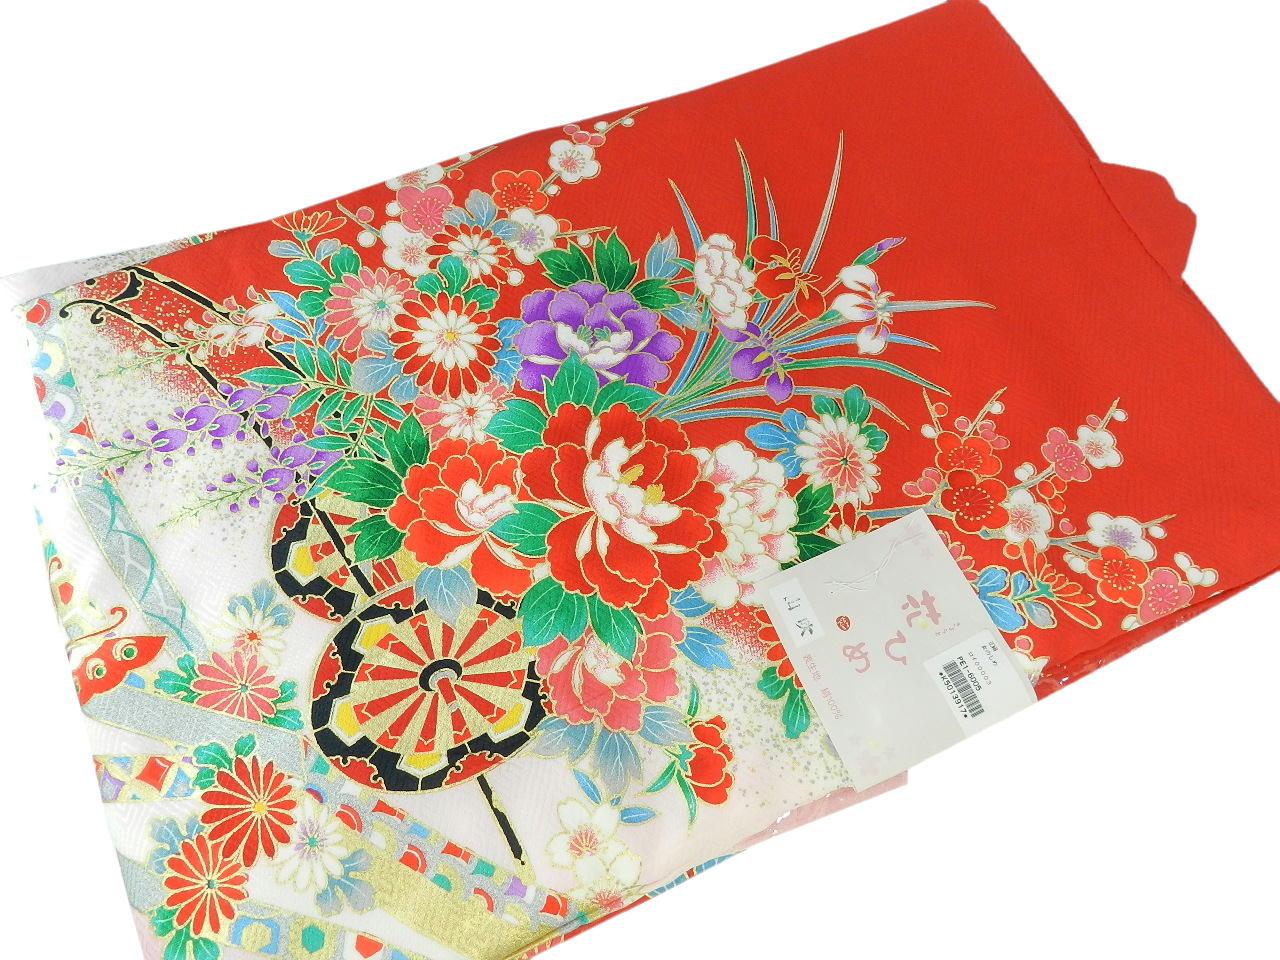 宮-2女の子女児正絹 宮参りの着物 襦袢付き祝い着セット価格産着 一つ身 のしめ祝着 着物 正絹  新品